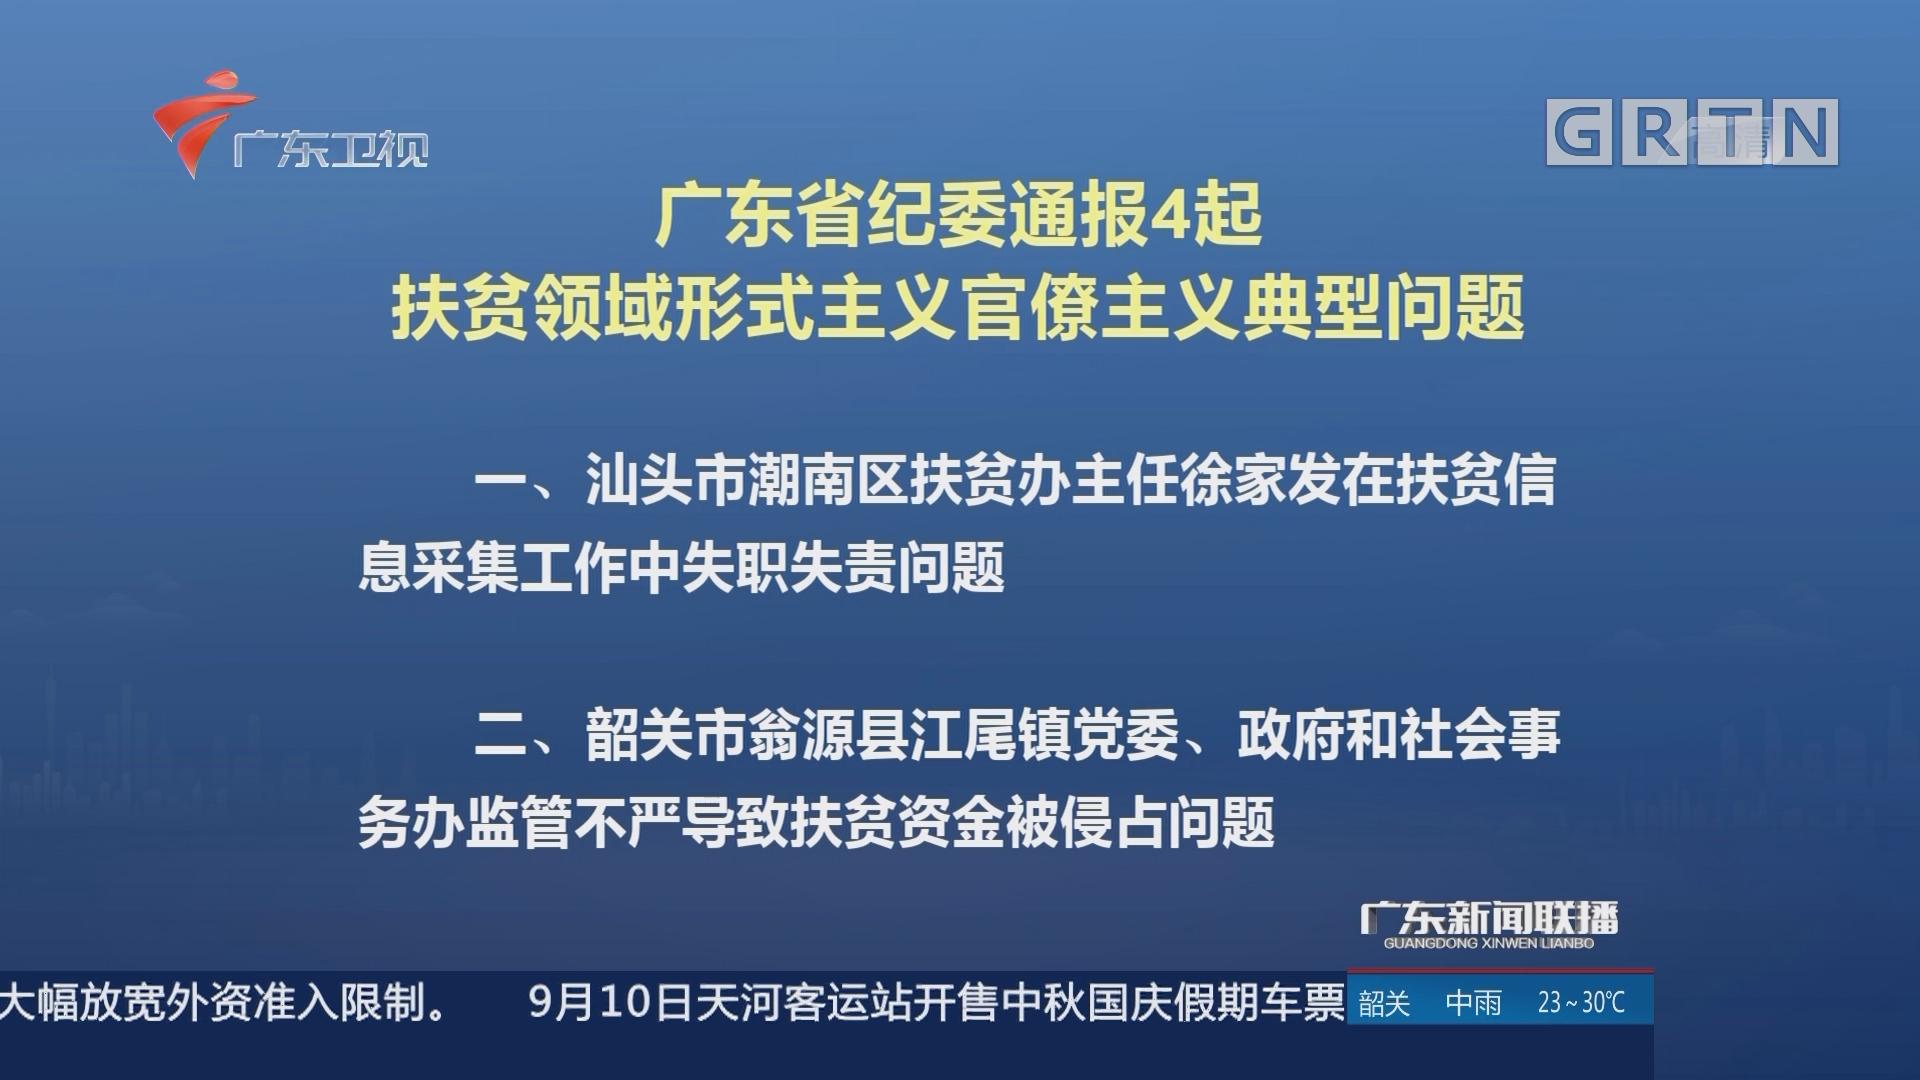 广东省纪委通报4起扶贫领域形式主义官僚主义典型问题